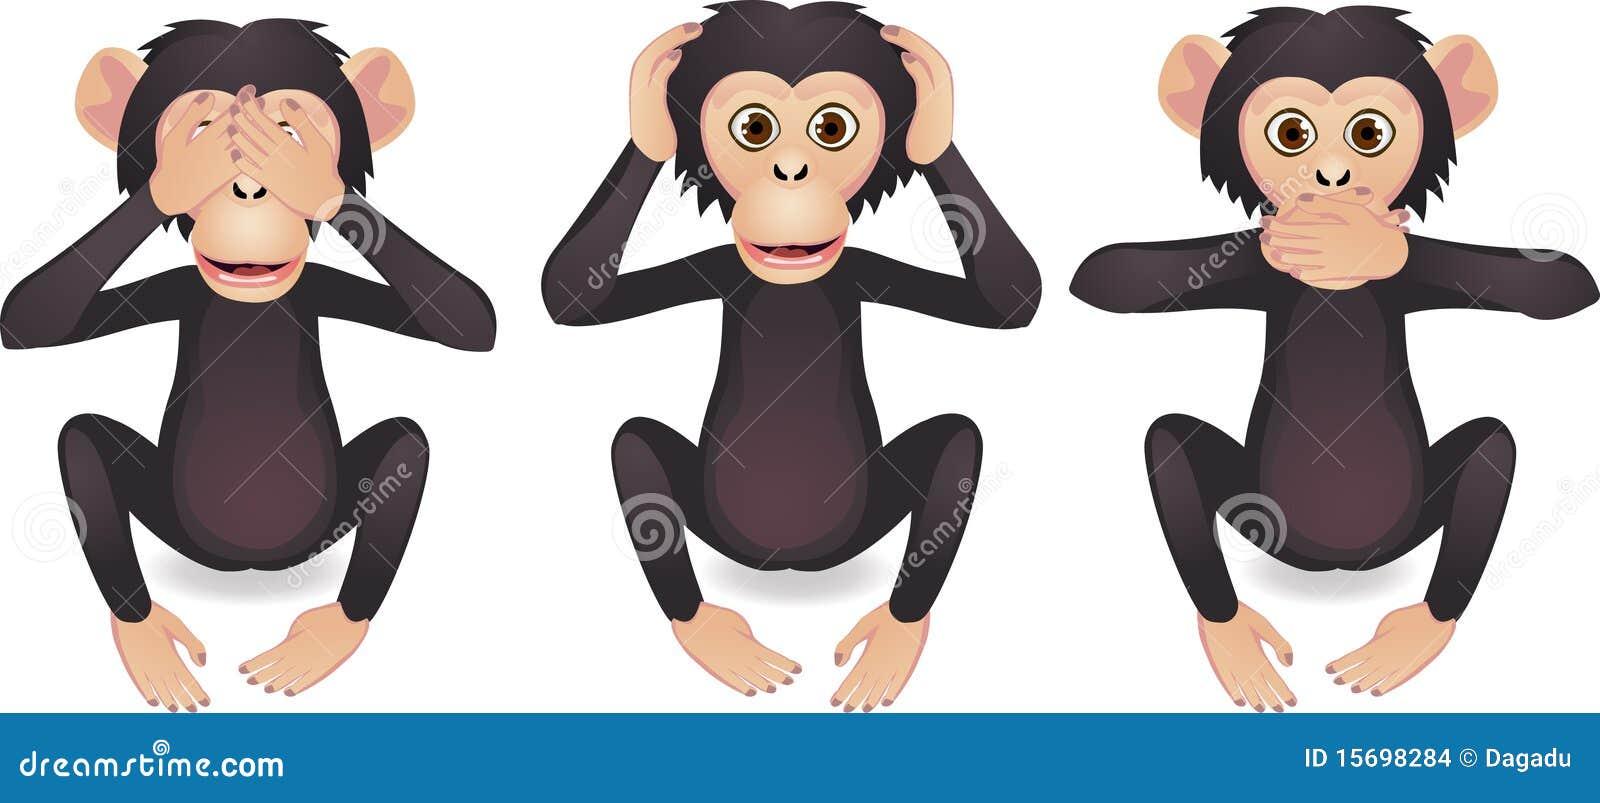 Three Monkey Stock Images - Image: 15698284